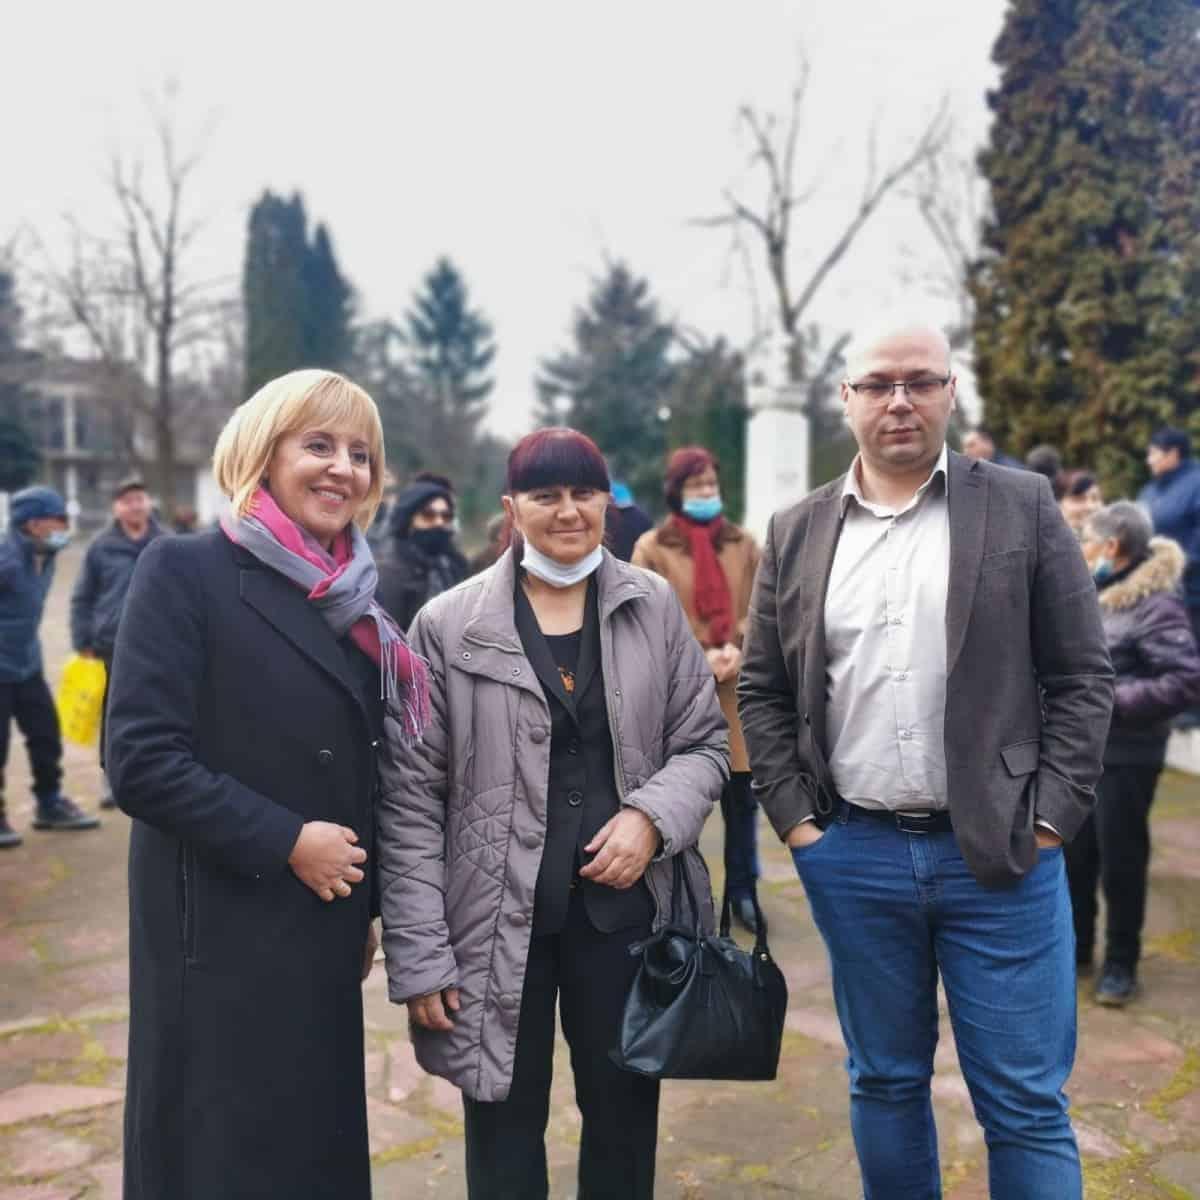 """Първа победа на """"Изправи се.бг!"""" срещу ГЕРБ и първи кмет"""